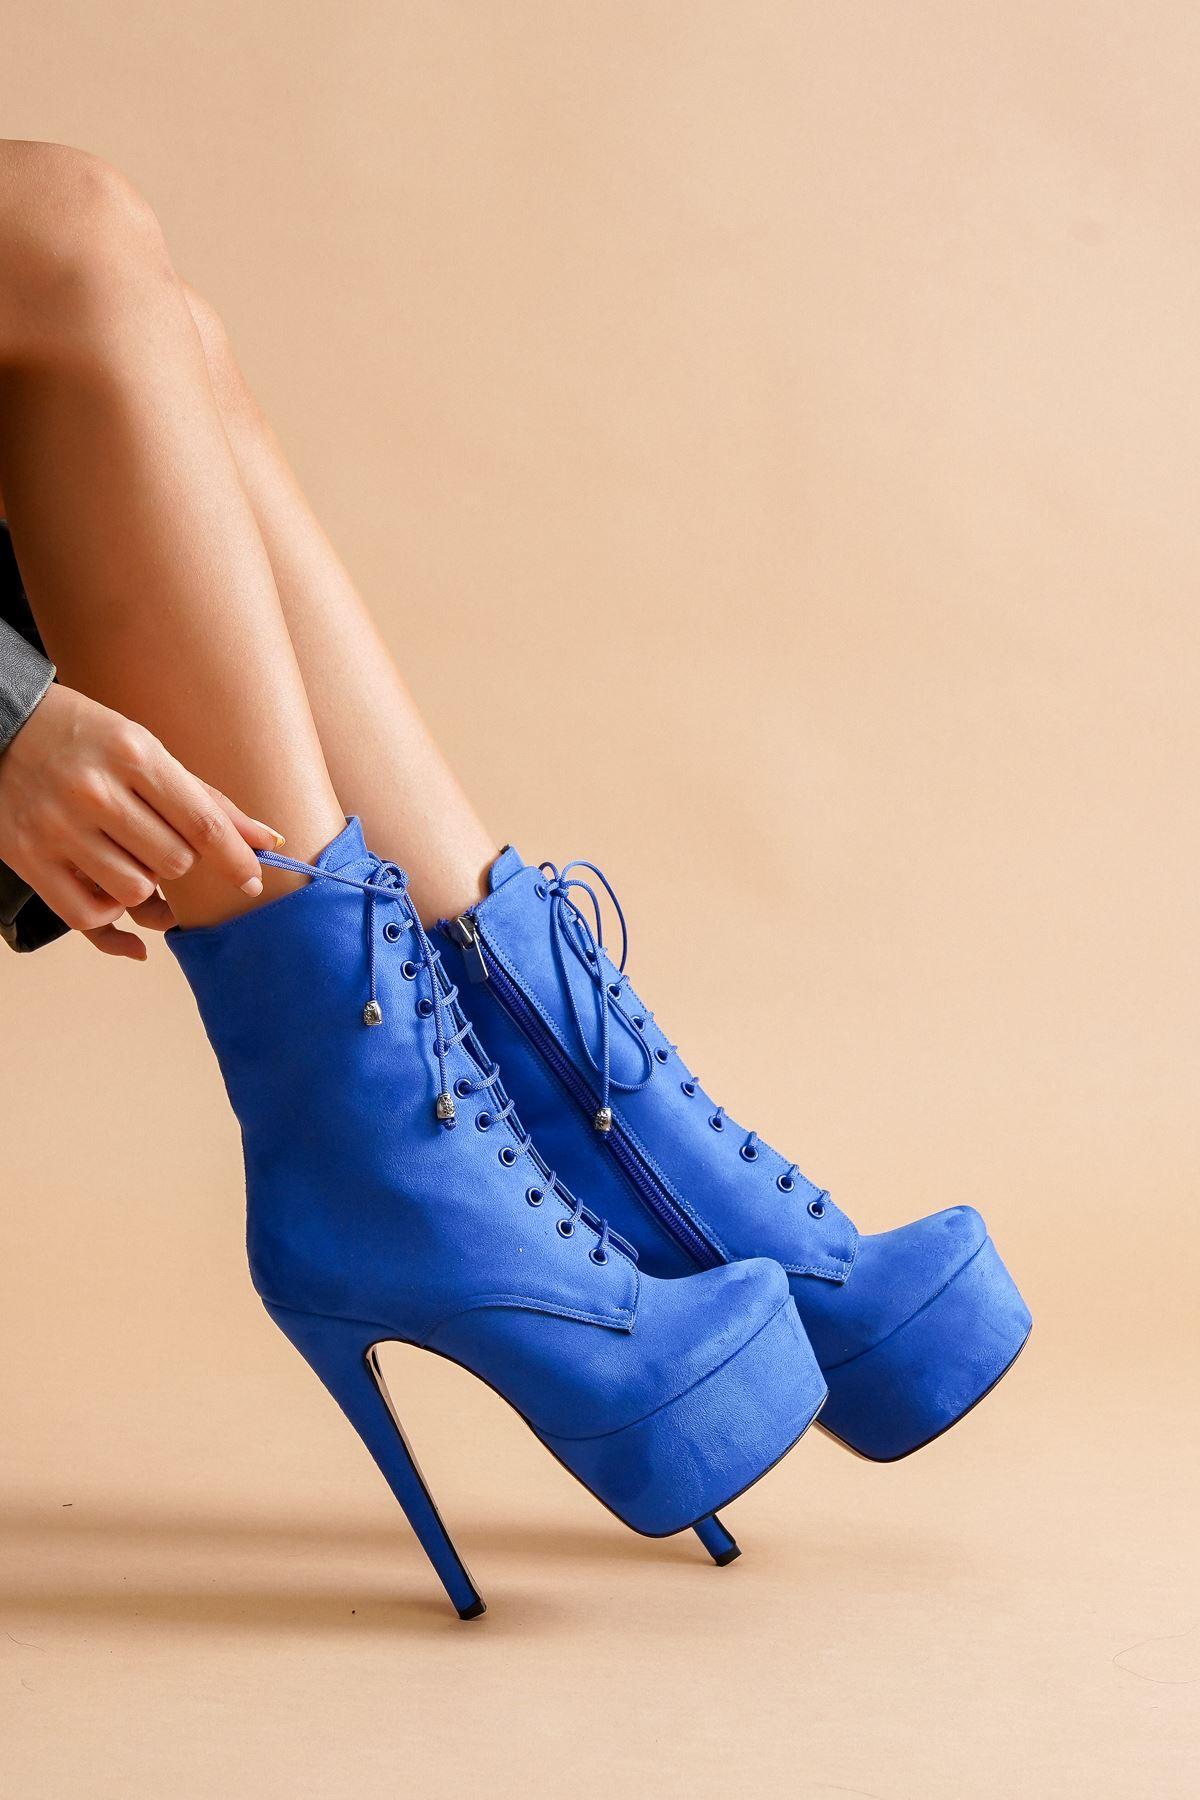 Gray Bağcıklı Sax Mavi Süet Yüksek Topuklu Kadın Bot